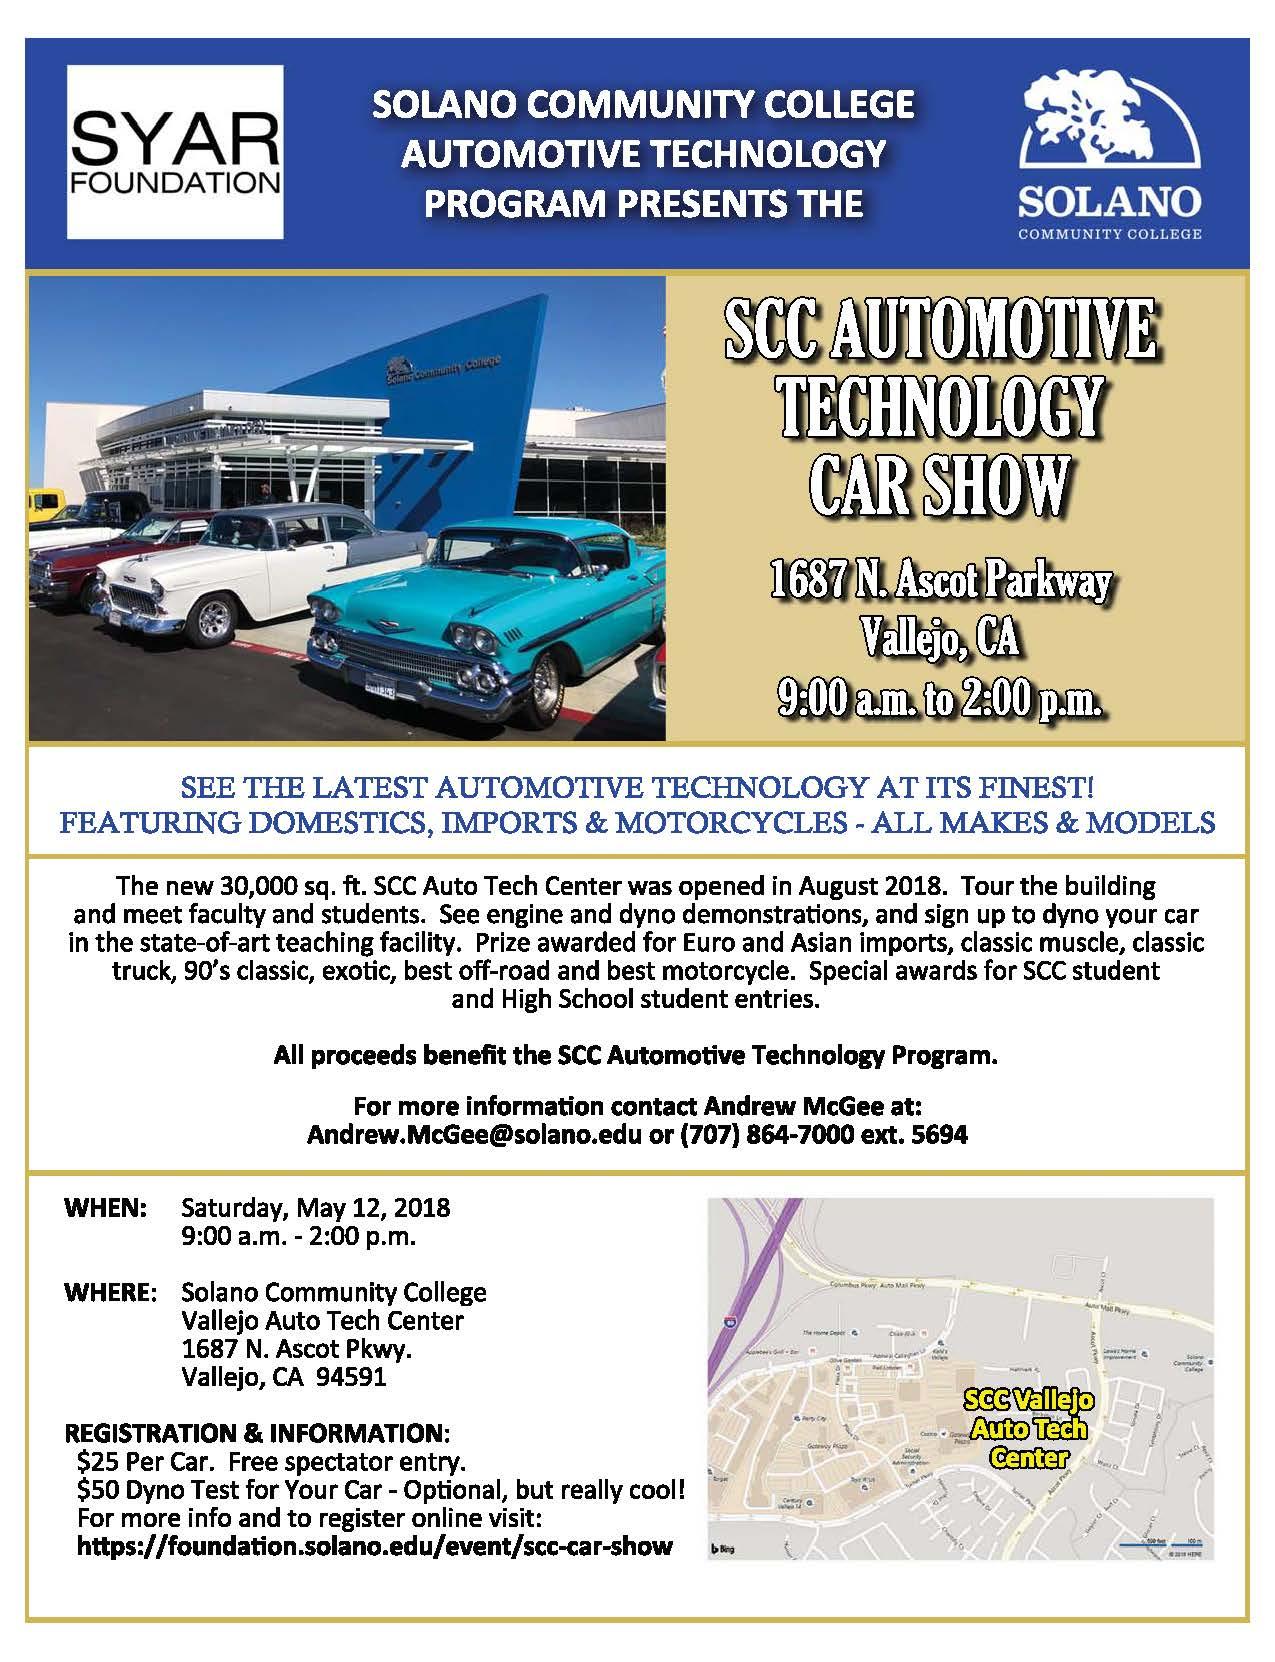 SCC Automotive Technology Car Show - foundation solano edu